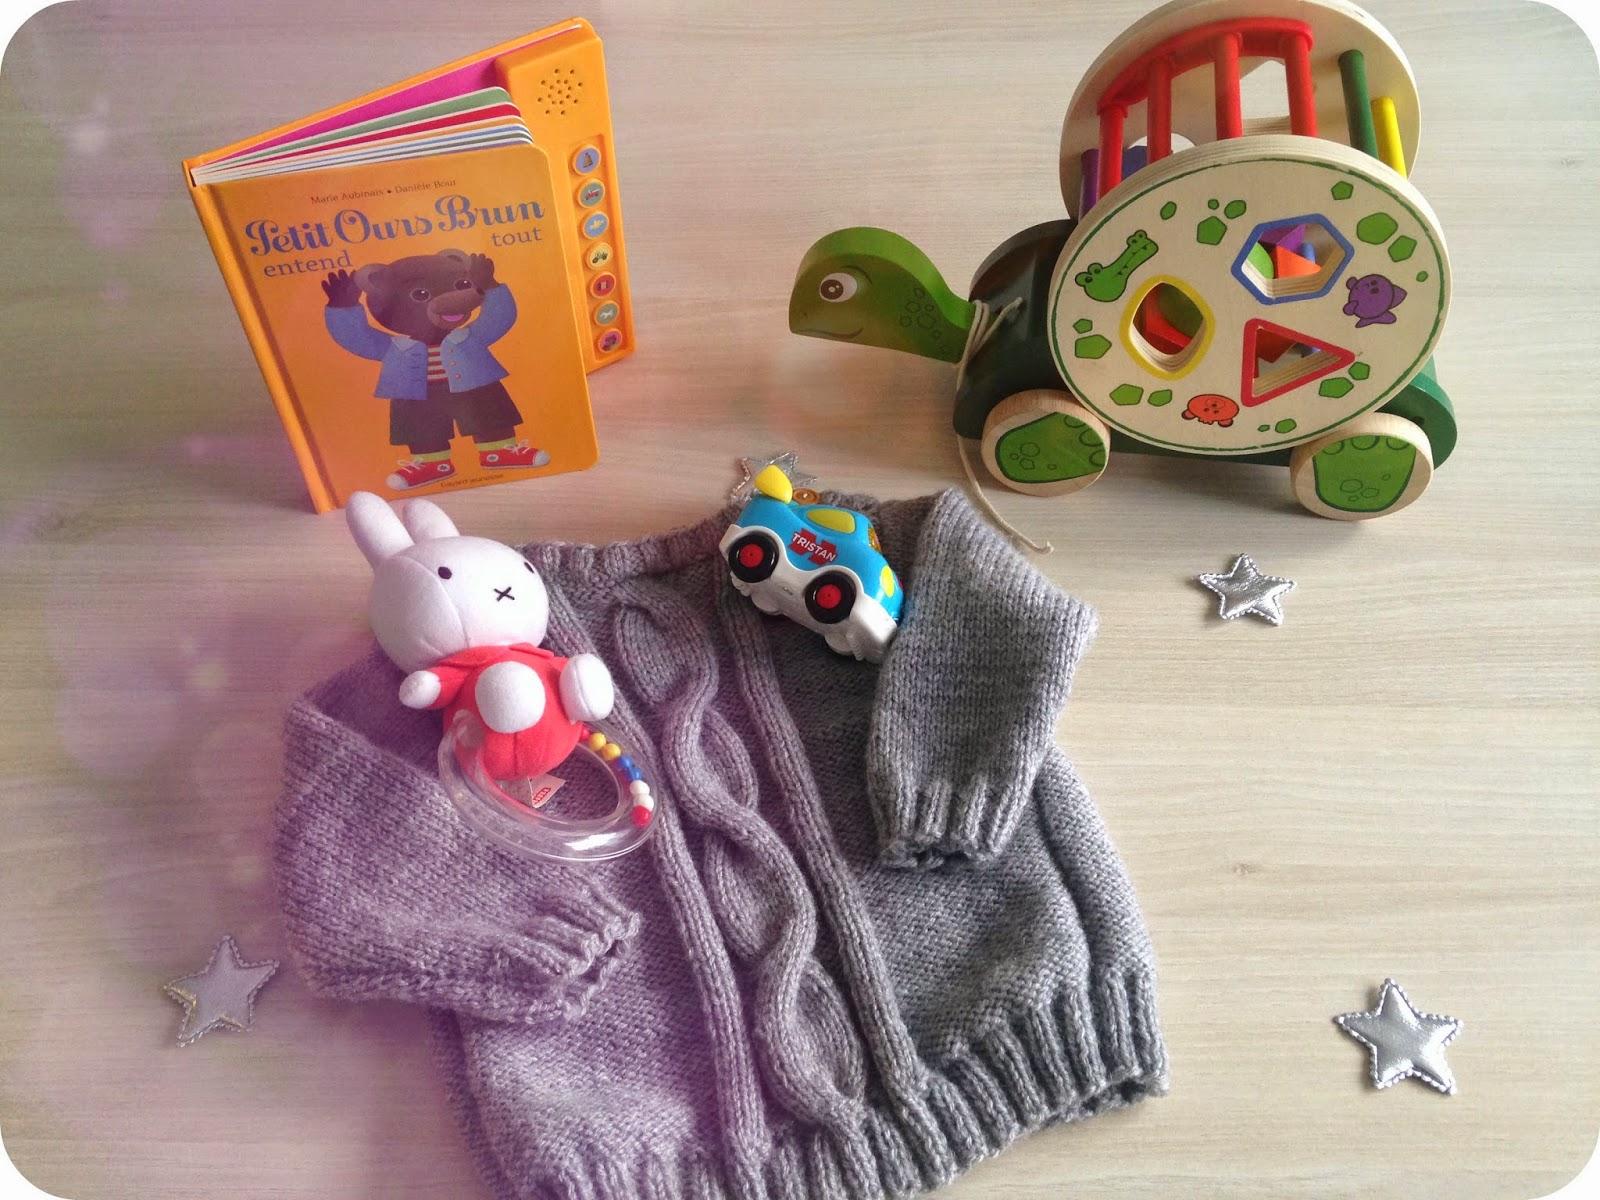 hochet miffy jouets en bois bolide Tristan